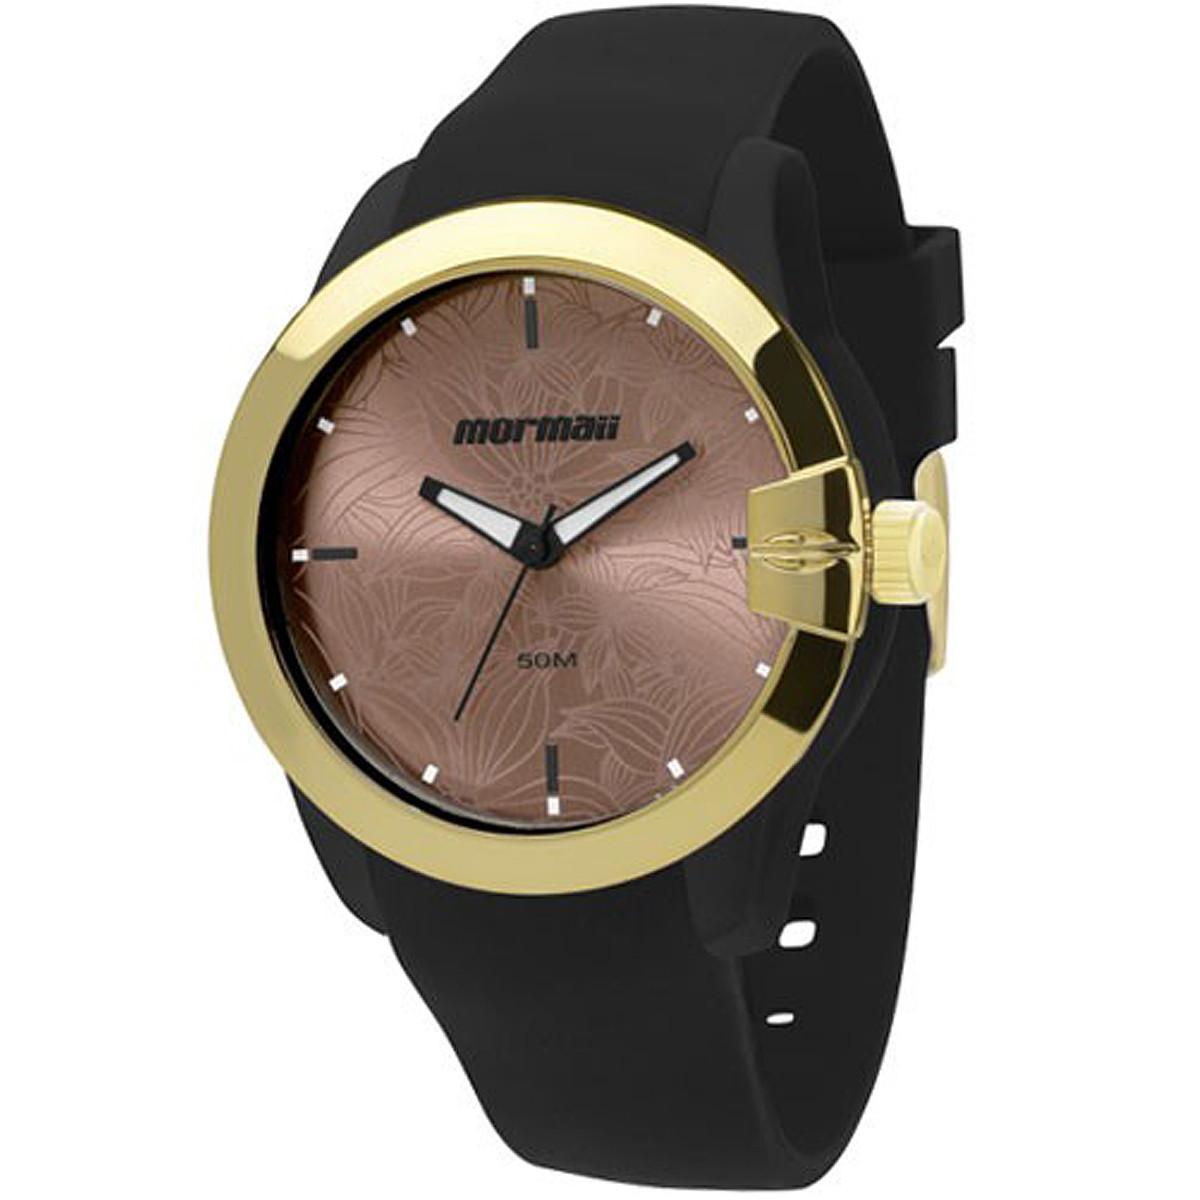 82d44e975a630 Relógio Mormaii Sunset Bronze ref MO2035DX 8T